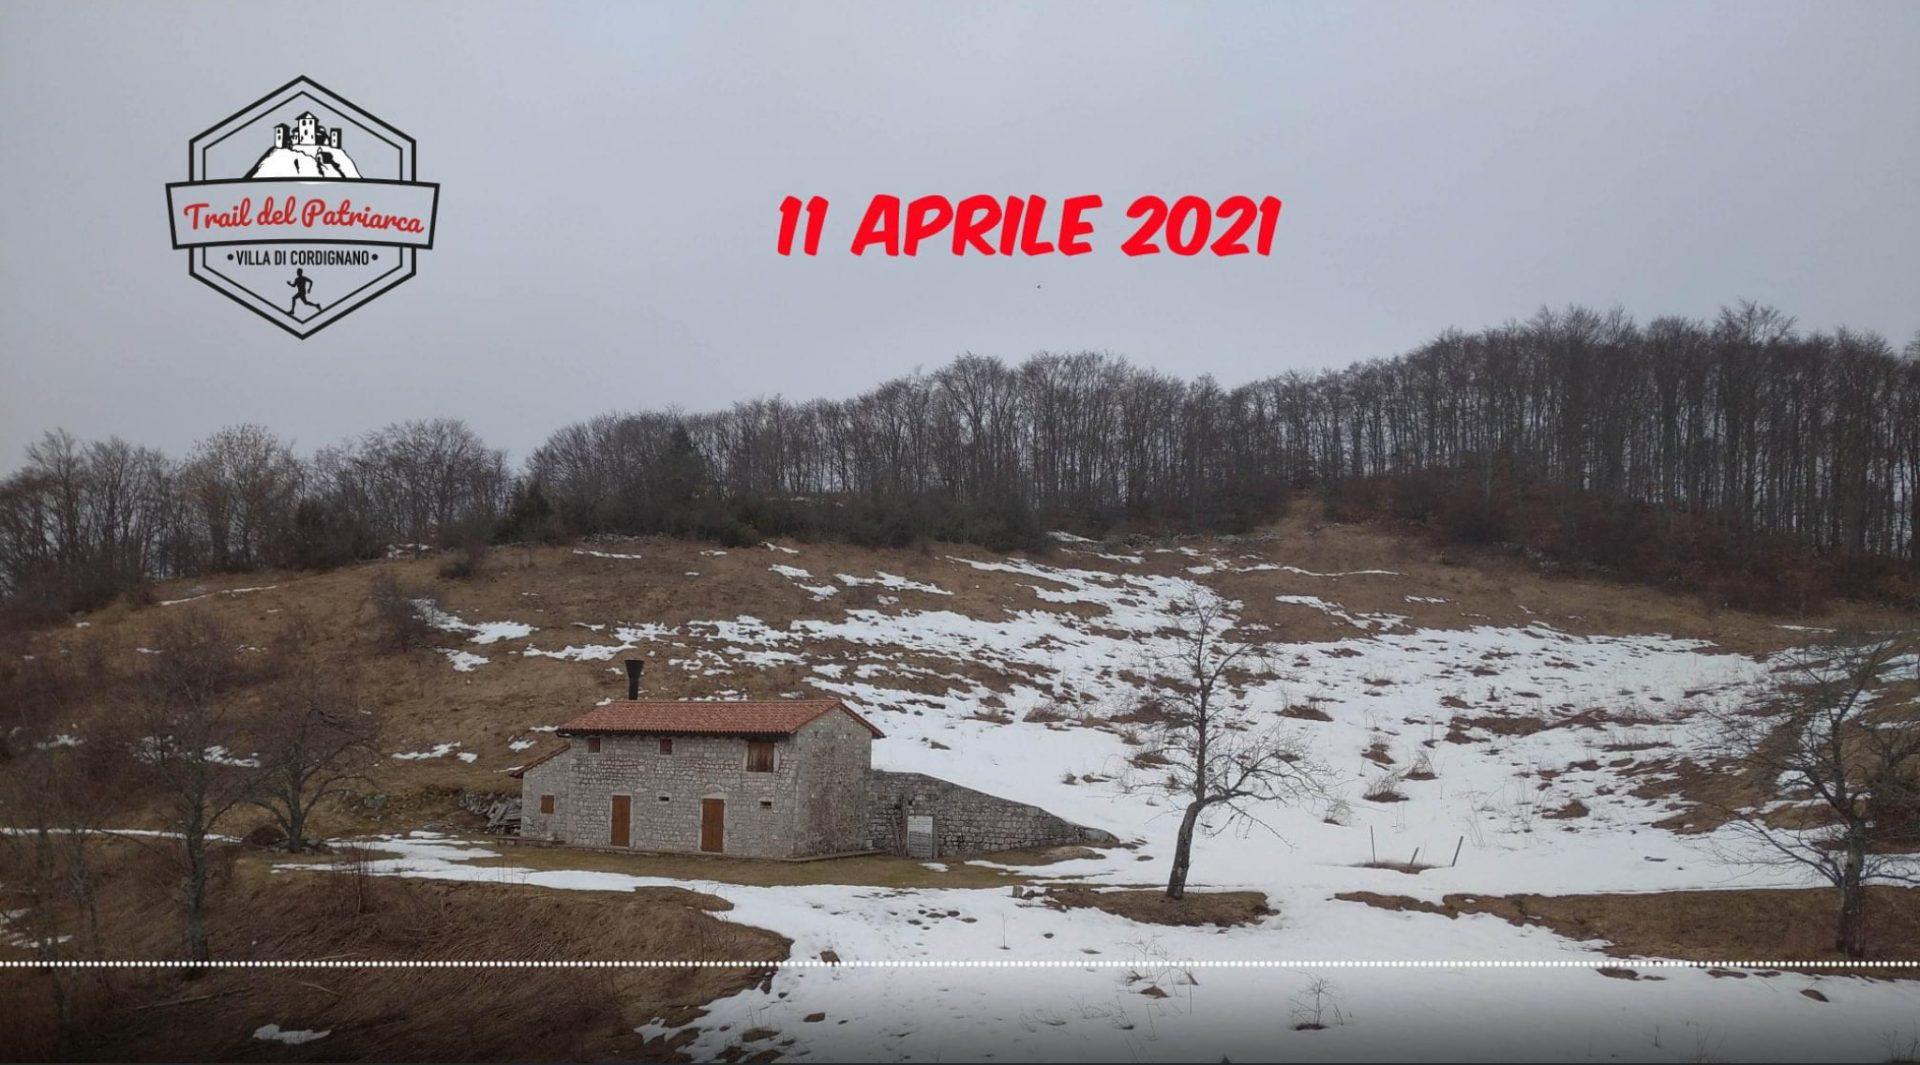 Cordignano-9° Trail del Patriarca